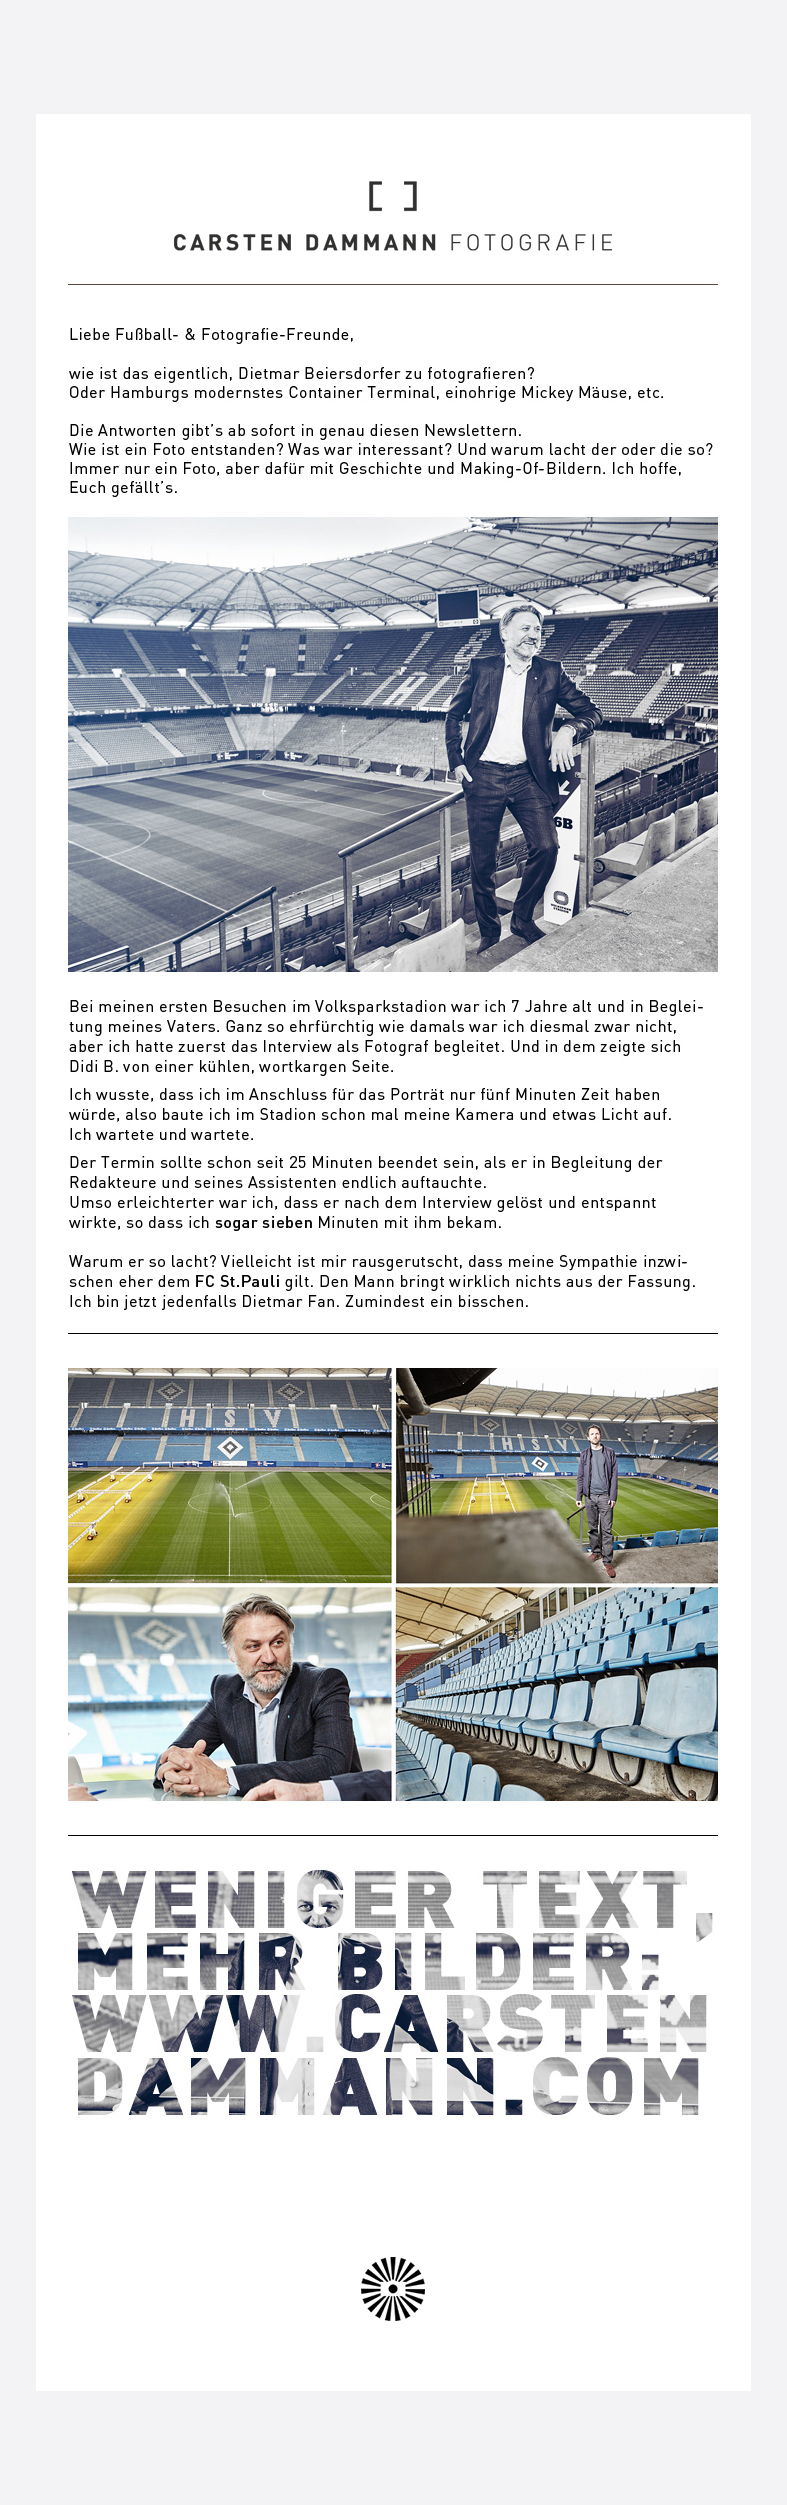 Carsten Dammann News 1 Beiersdorfer.jpg